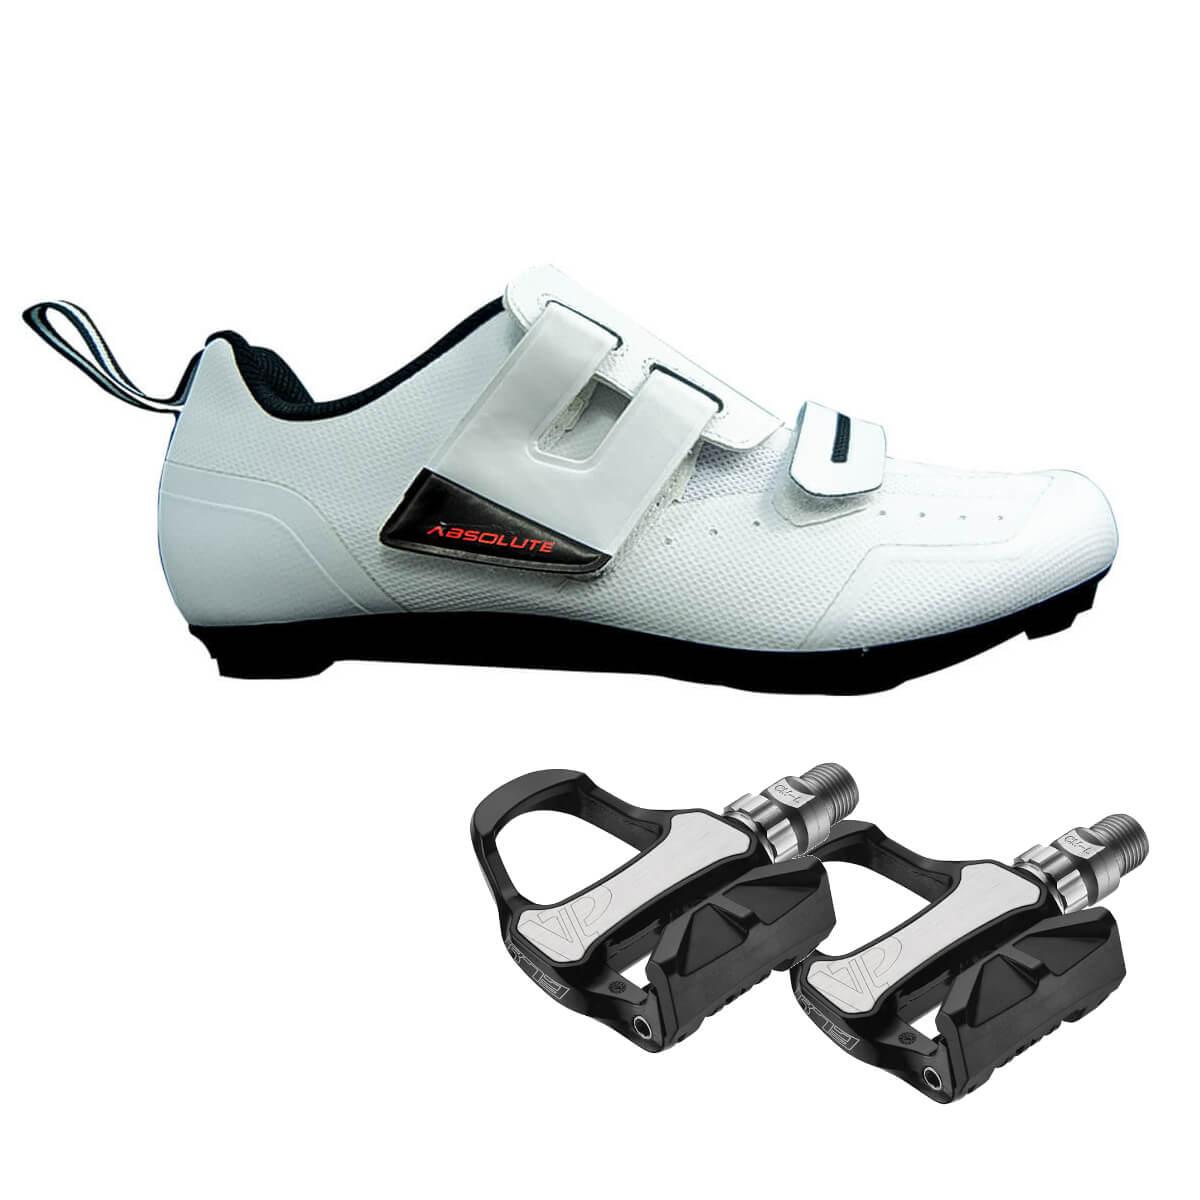 Sapatilha Triathlon Speed Absolute Triton 45 BR + Pedal R73H